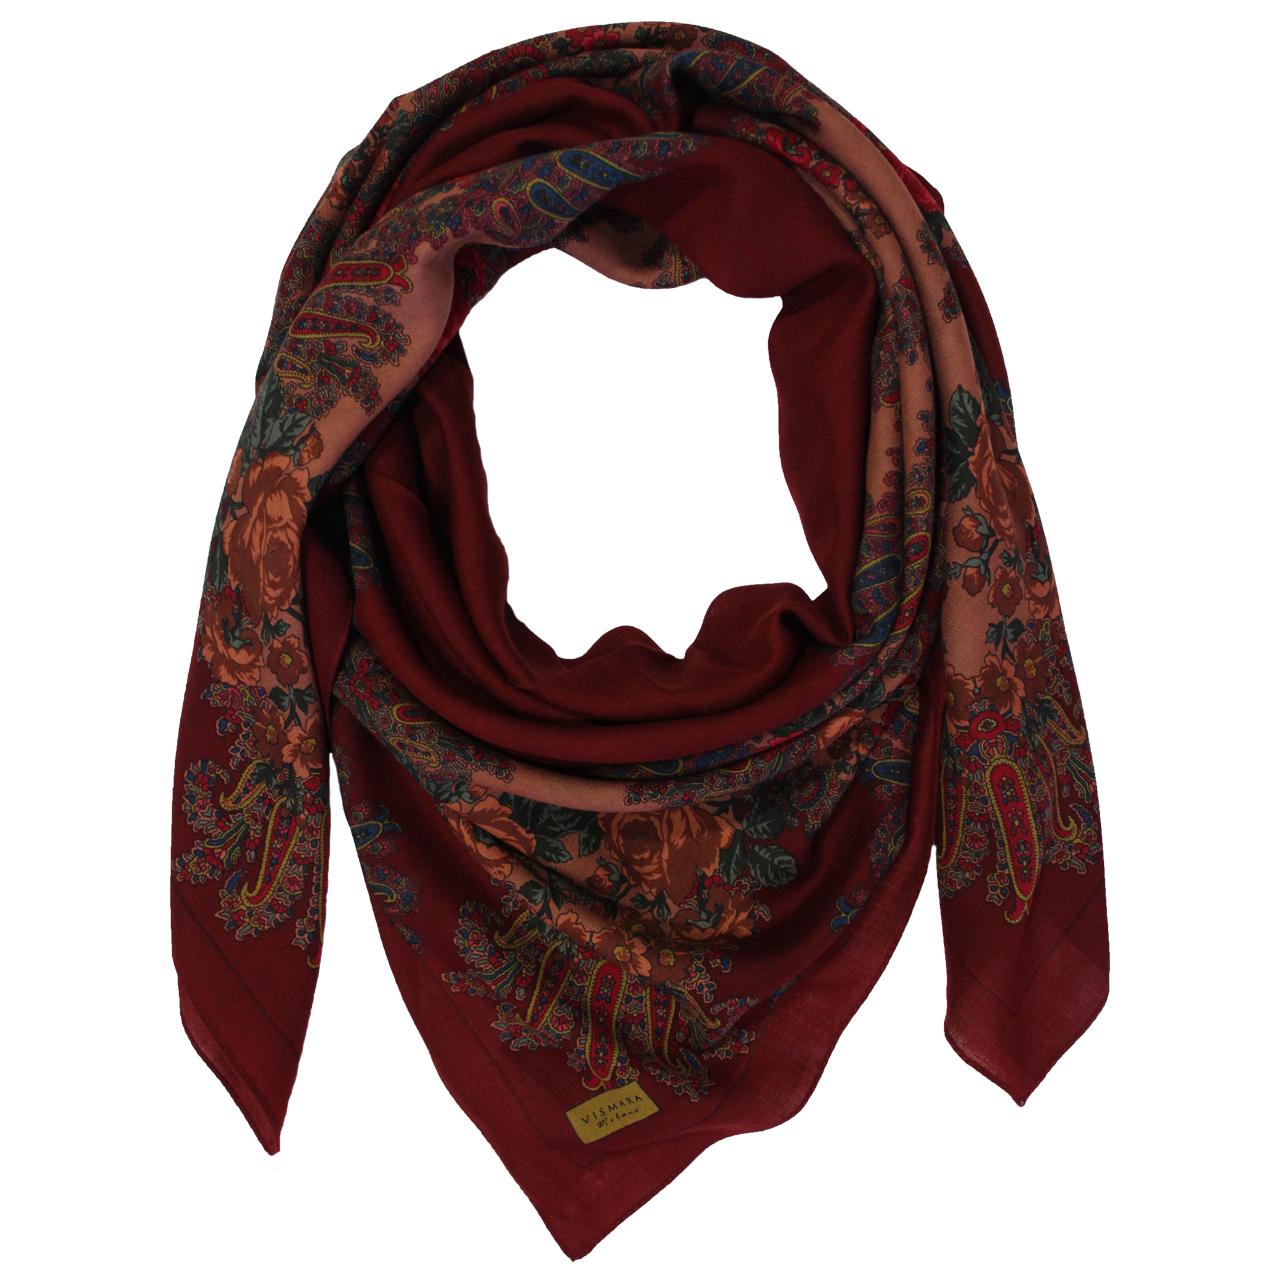 روسری زنانه برند ویسمارا مدل ملکه کد ۰۰۱۰ thumb